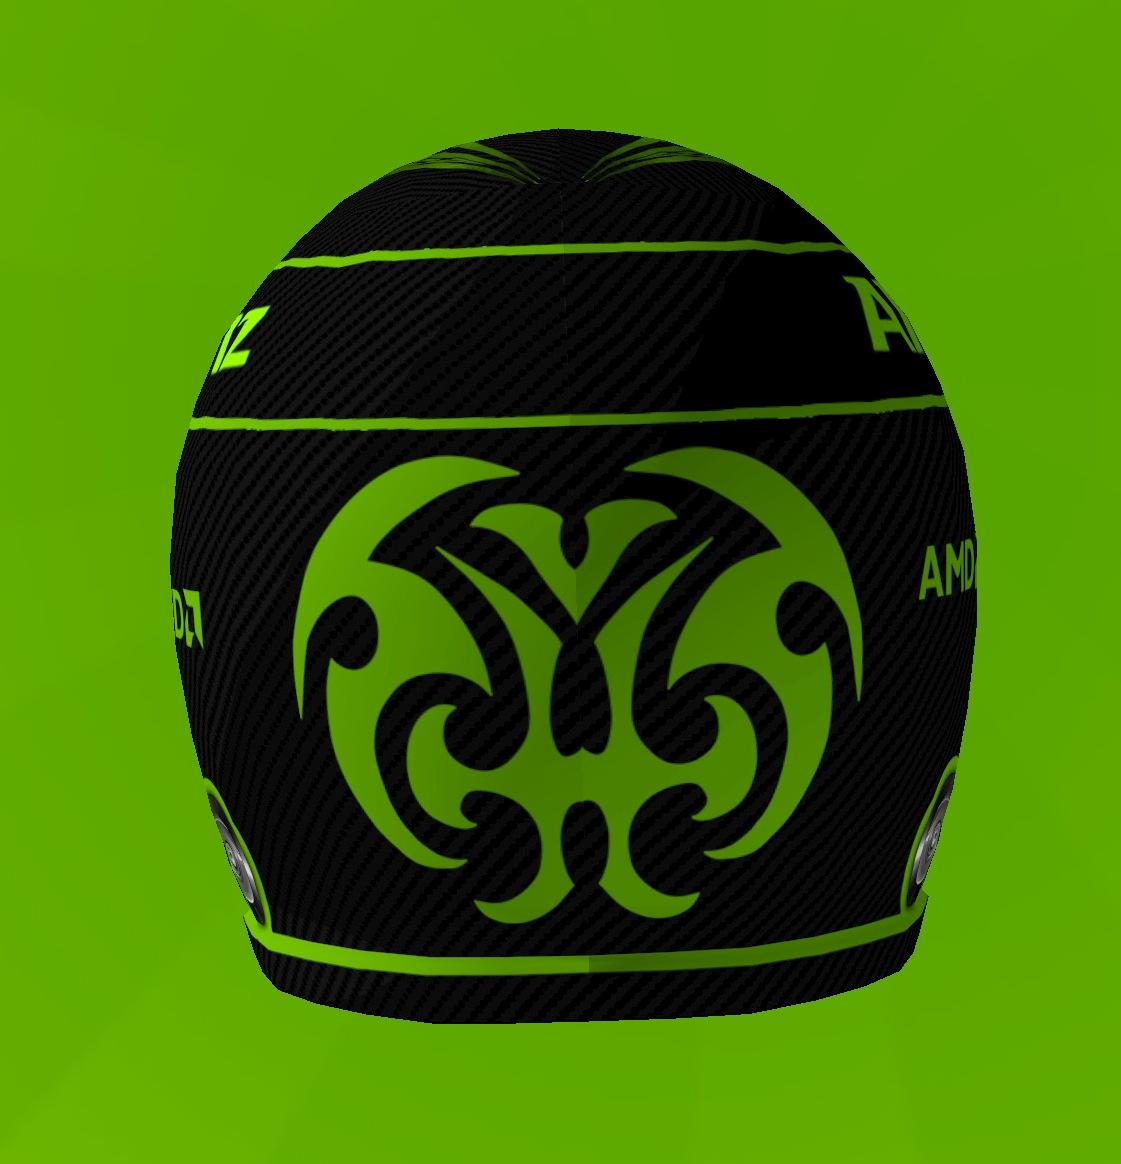 Monster Energy Helmet 4.jpg